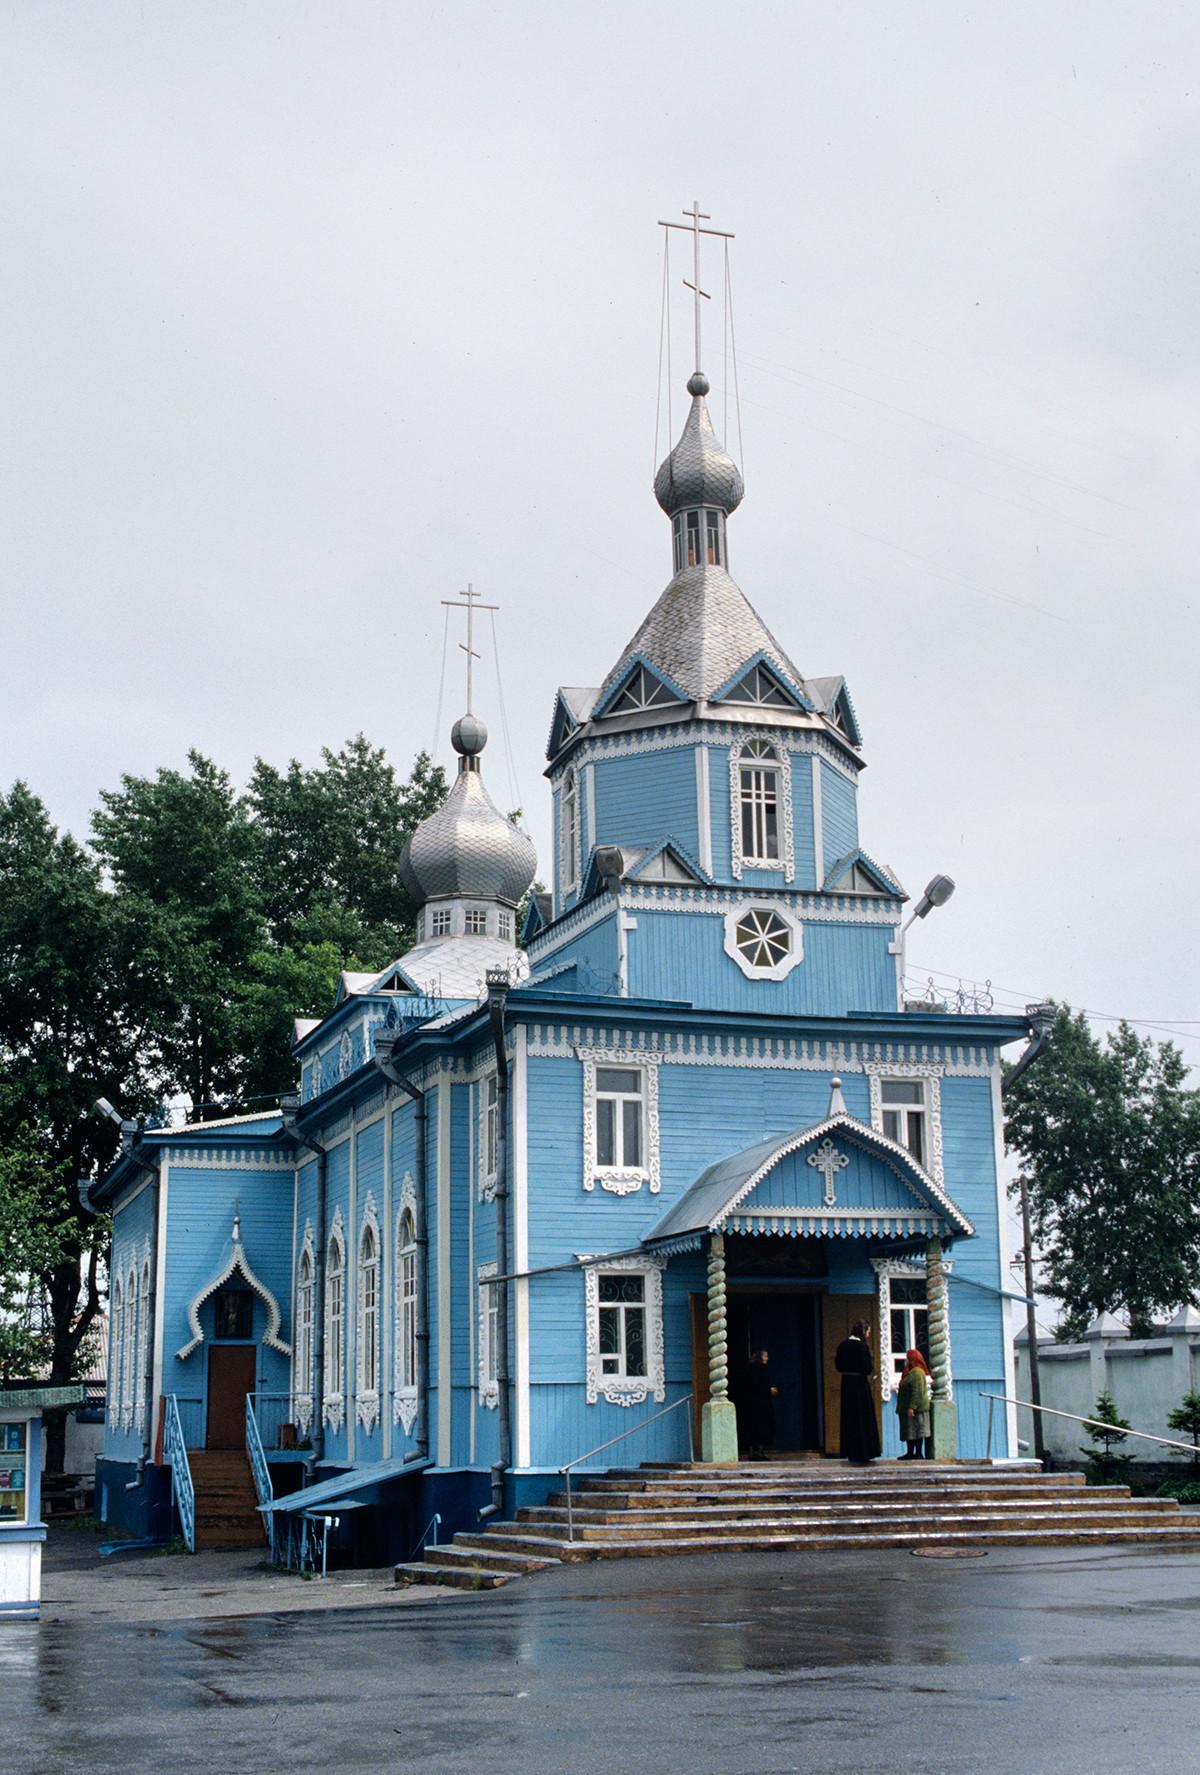 Храм Покрова Пресвятой Богородицы в Прокопьевске Кемеровской области, в 1979-1983 перестроен из молитвенного дома